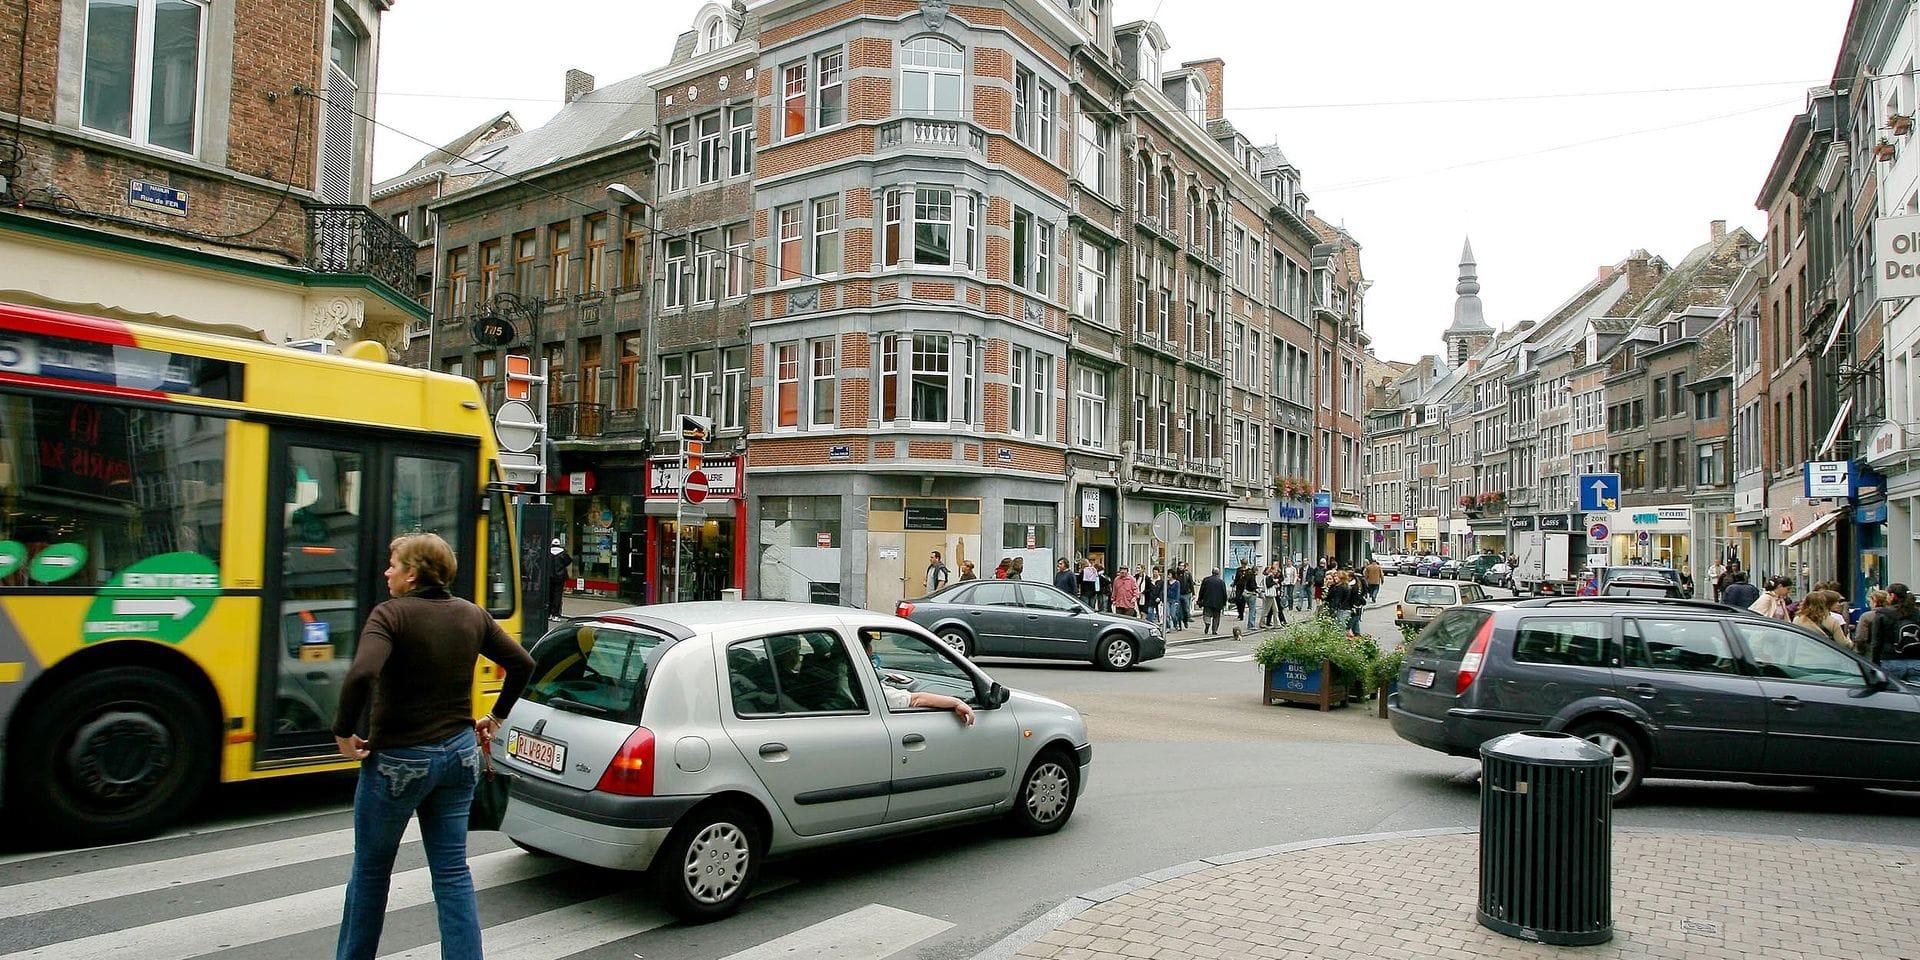 Ces avenues reines du shopping (3/6): à Namur, l'absence de la concurrence de la périphérie sourit à la rue de l'Ange